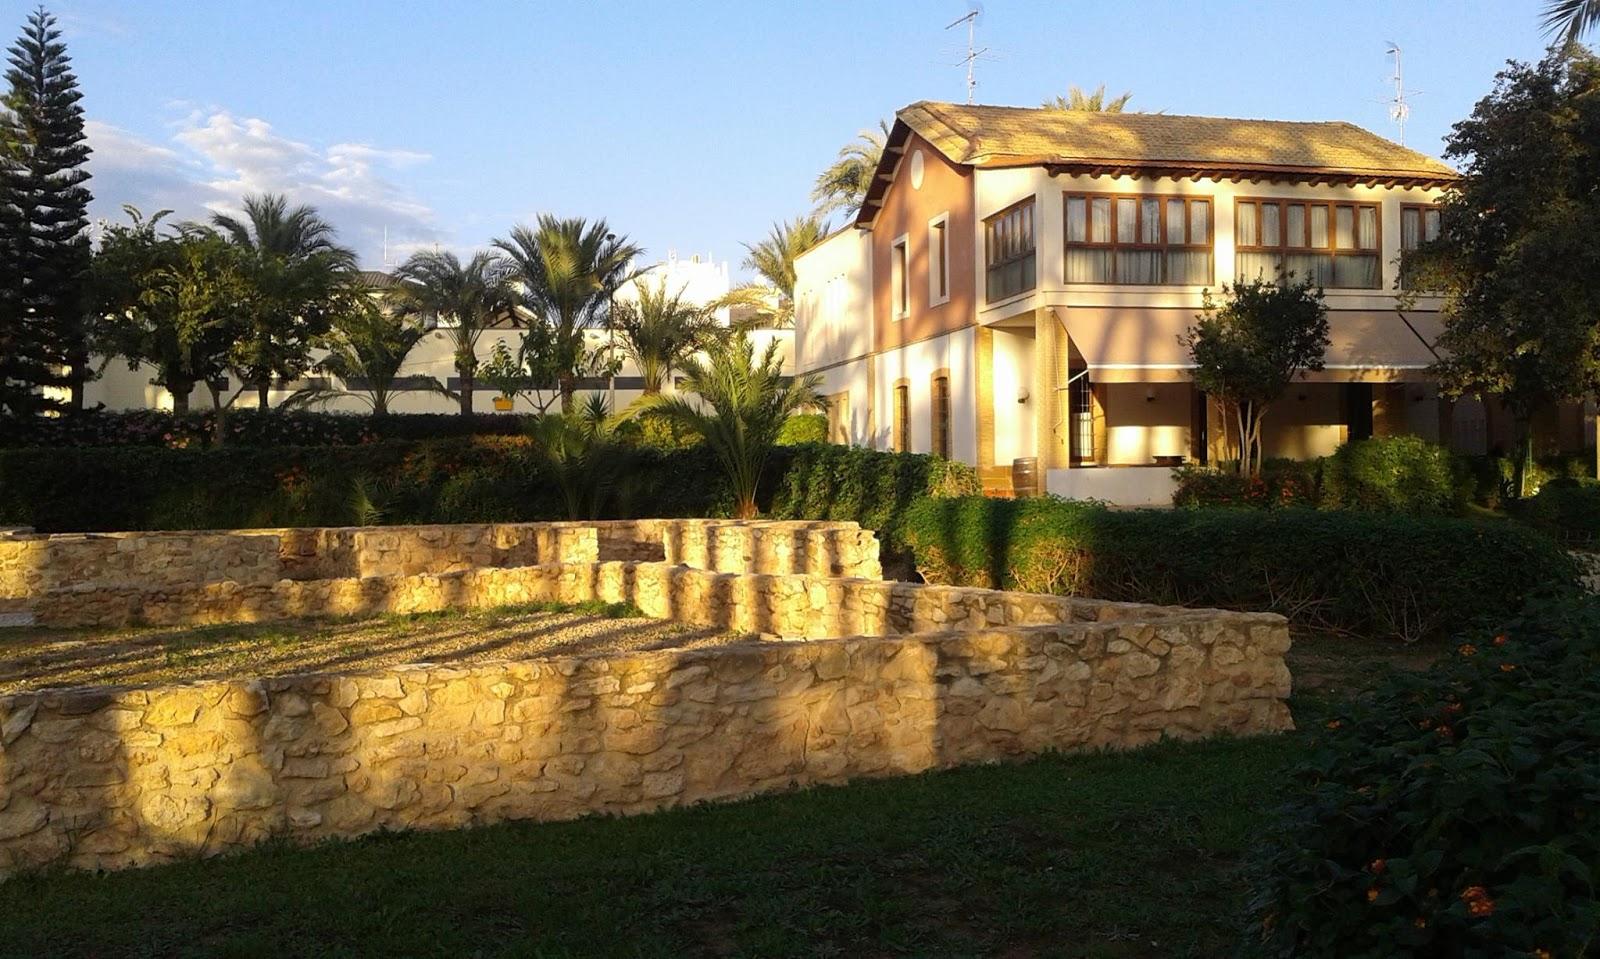 Conoce santa pola la casa romana de el palmeral - La casa romana ...